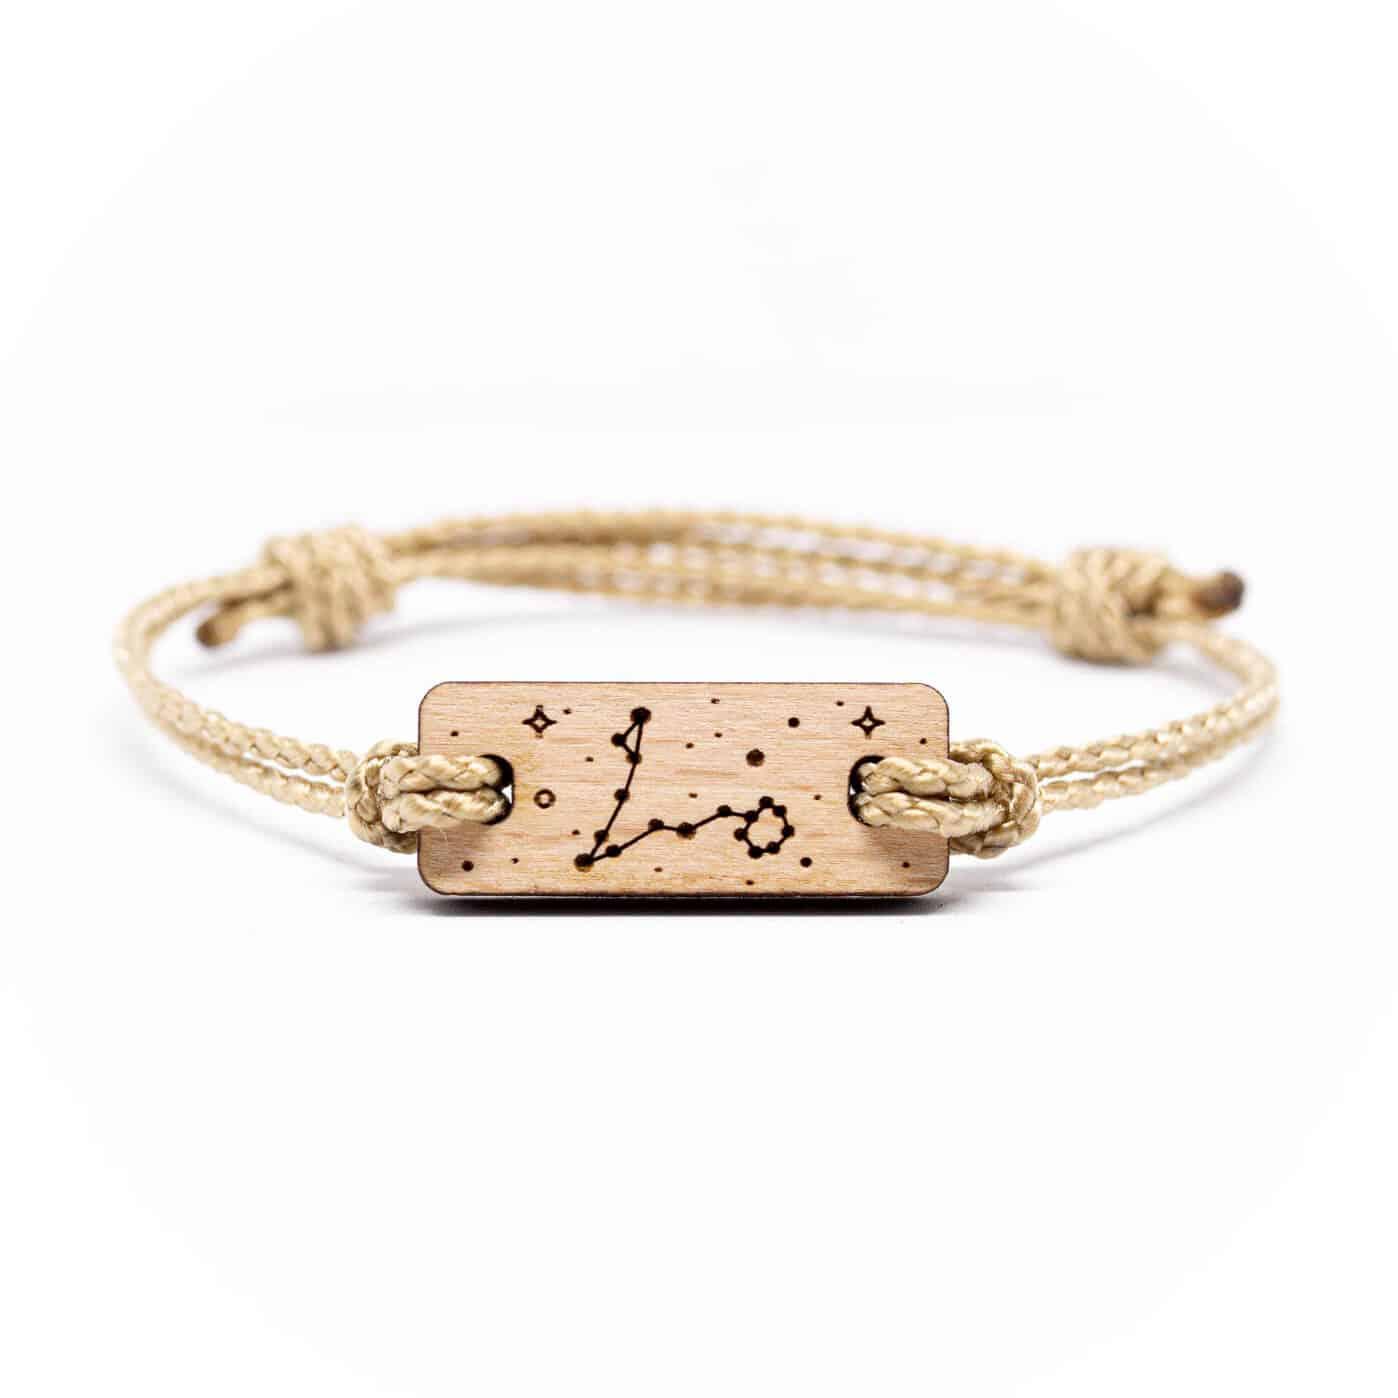 Bracelet en bois signe astrologique poisson